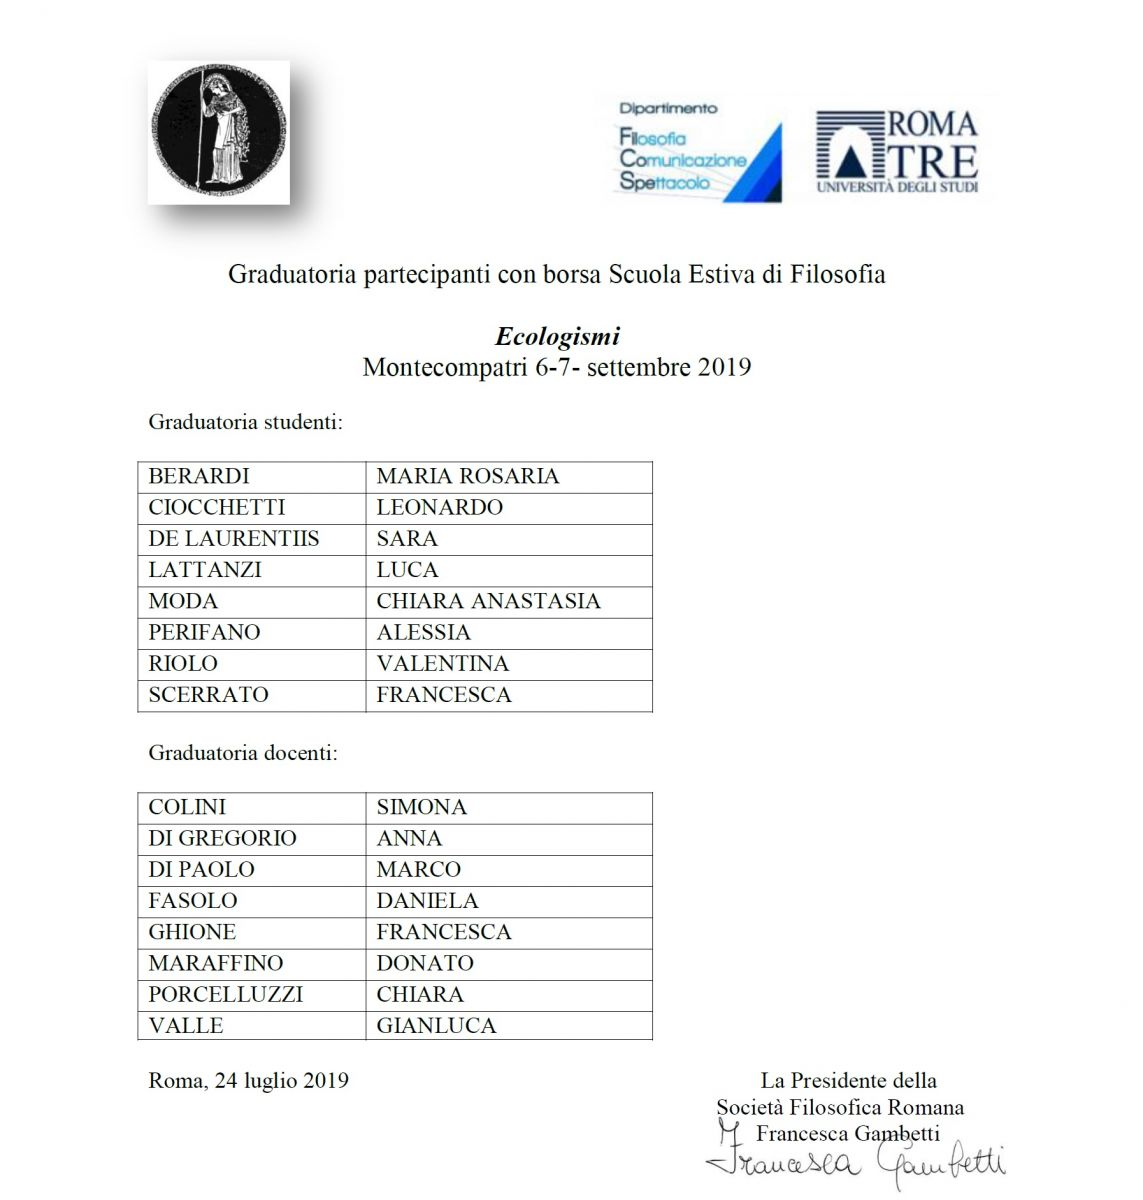 Graduatoria partecipanti con borsa Scuola Estiva di Filosofia 2019